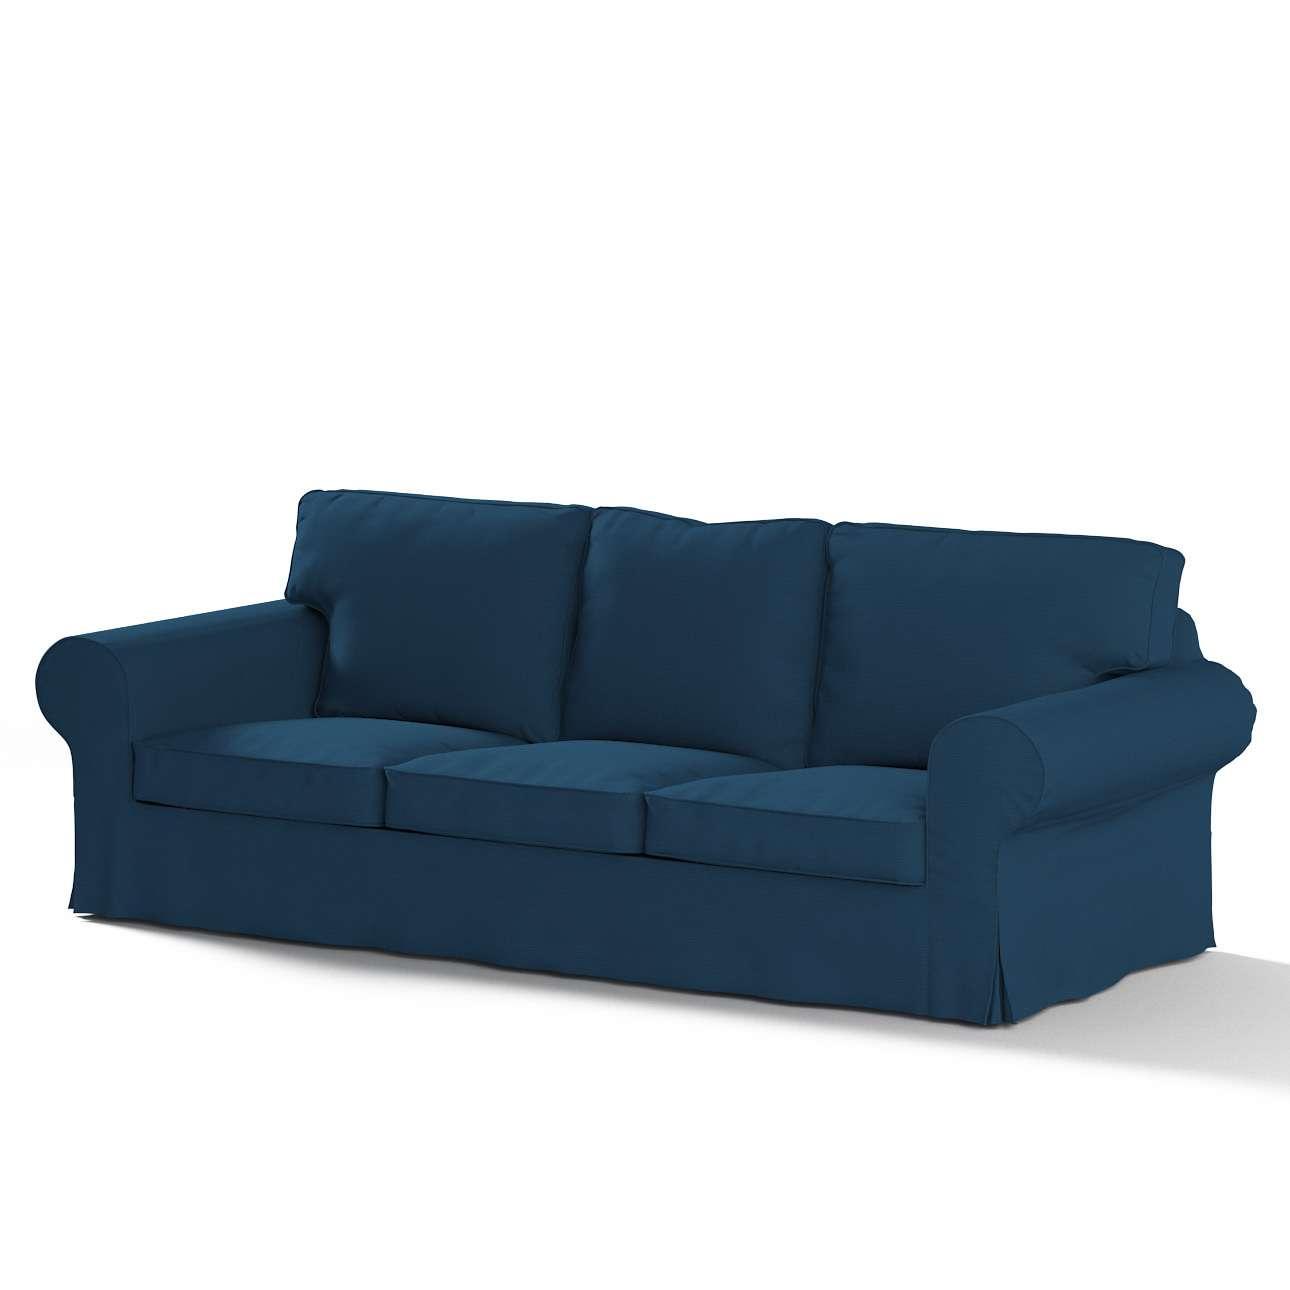 Ektorp trivietės sofos-lovos užvalkalas Ektorp trivietė sofa-lova kolekcijoje Cotton Panama, audinys: 702-30